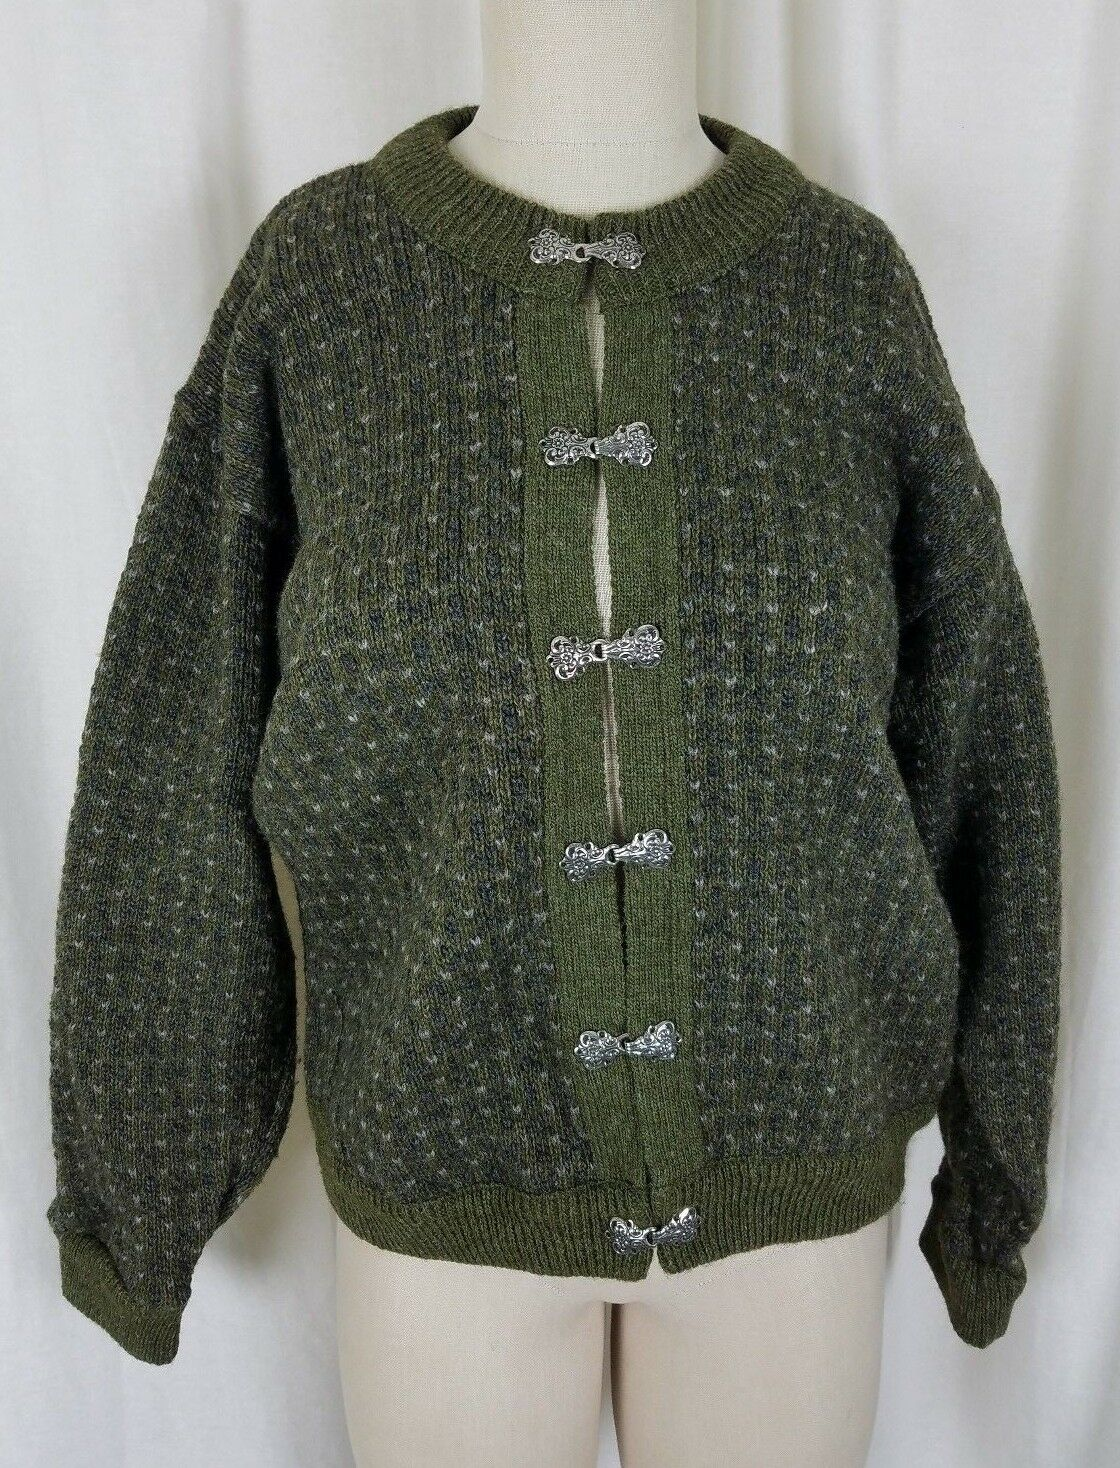 LL Bean Gyapjú Nordic Aspen Kötött pulóver Jacket Birdseye Pewter Clasps Női M